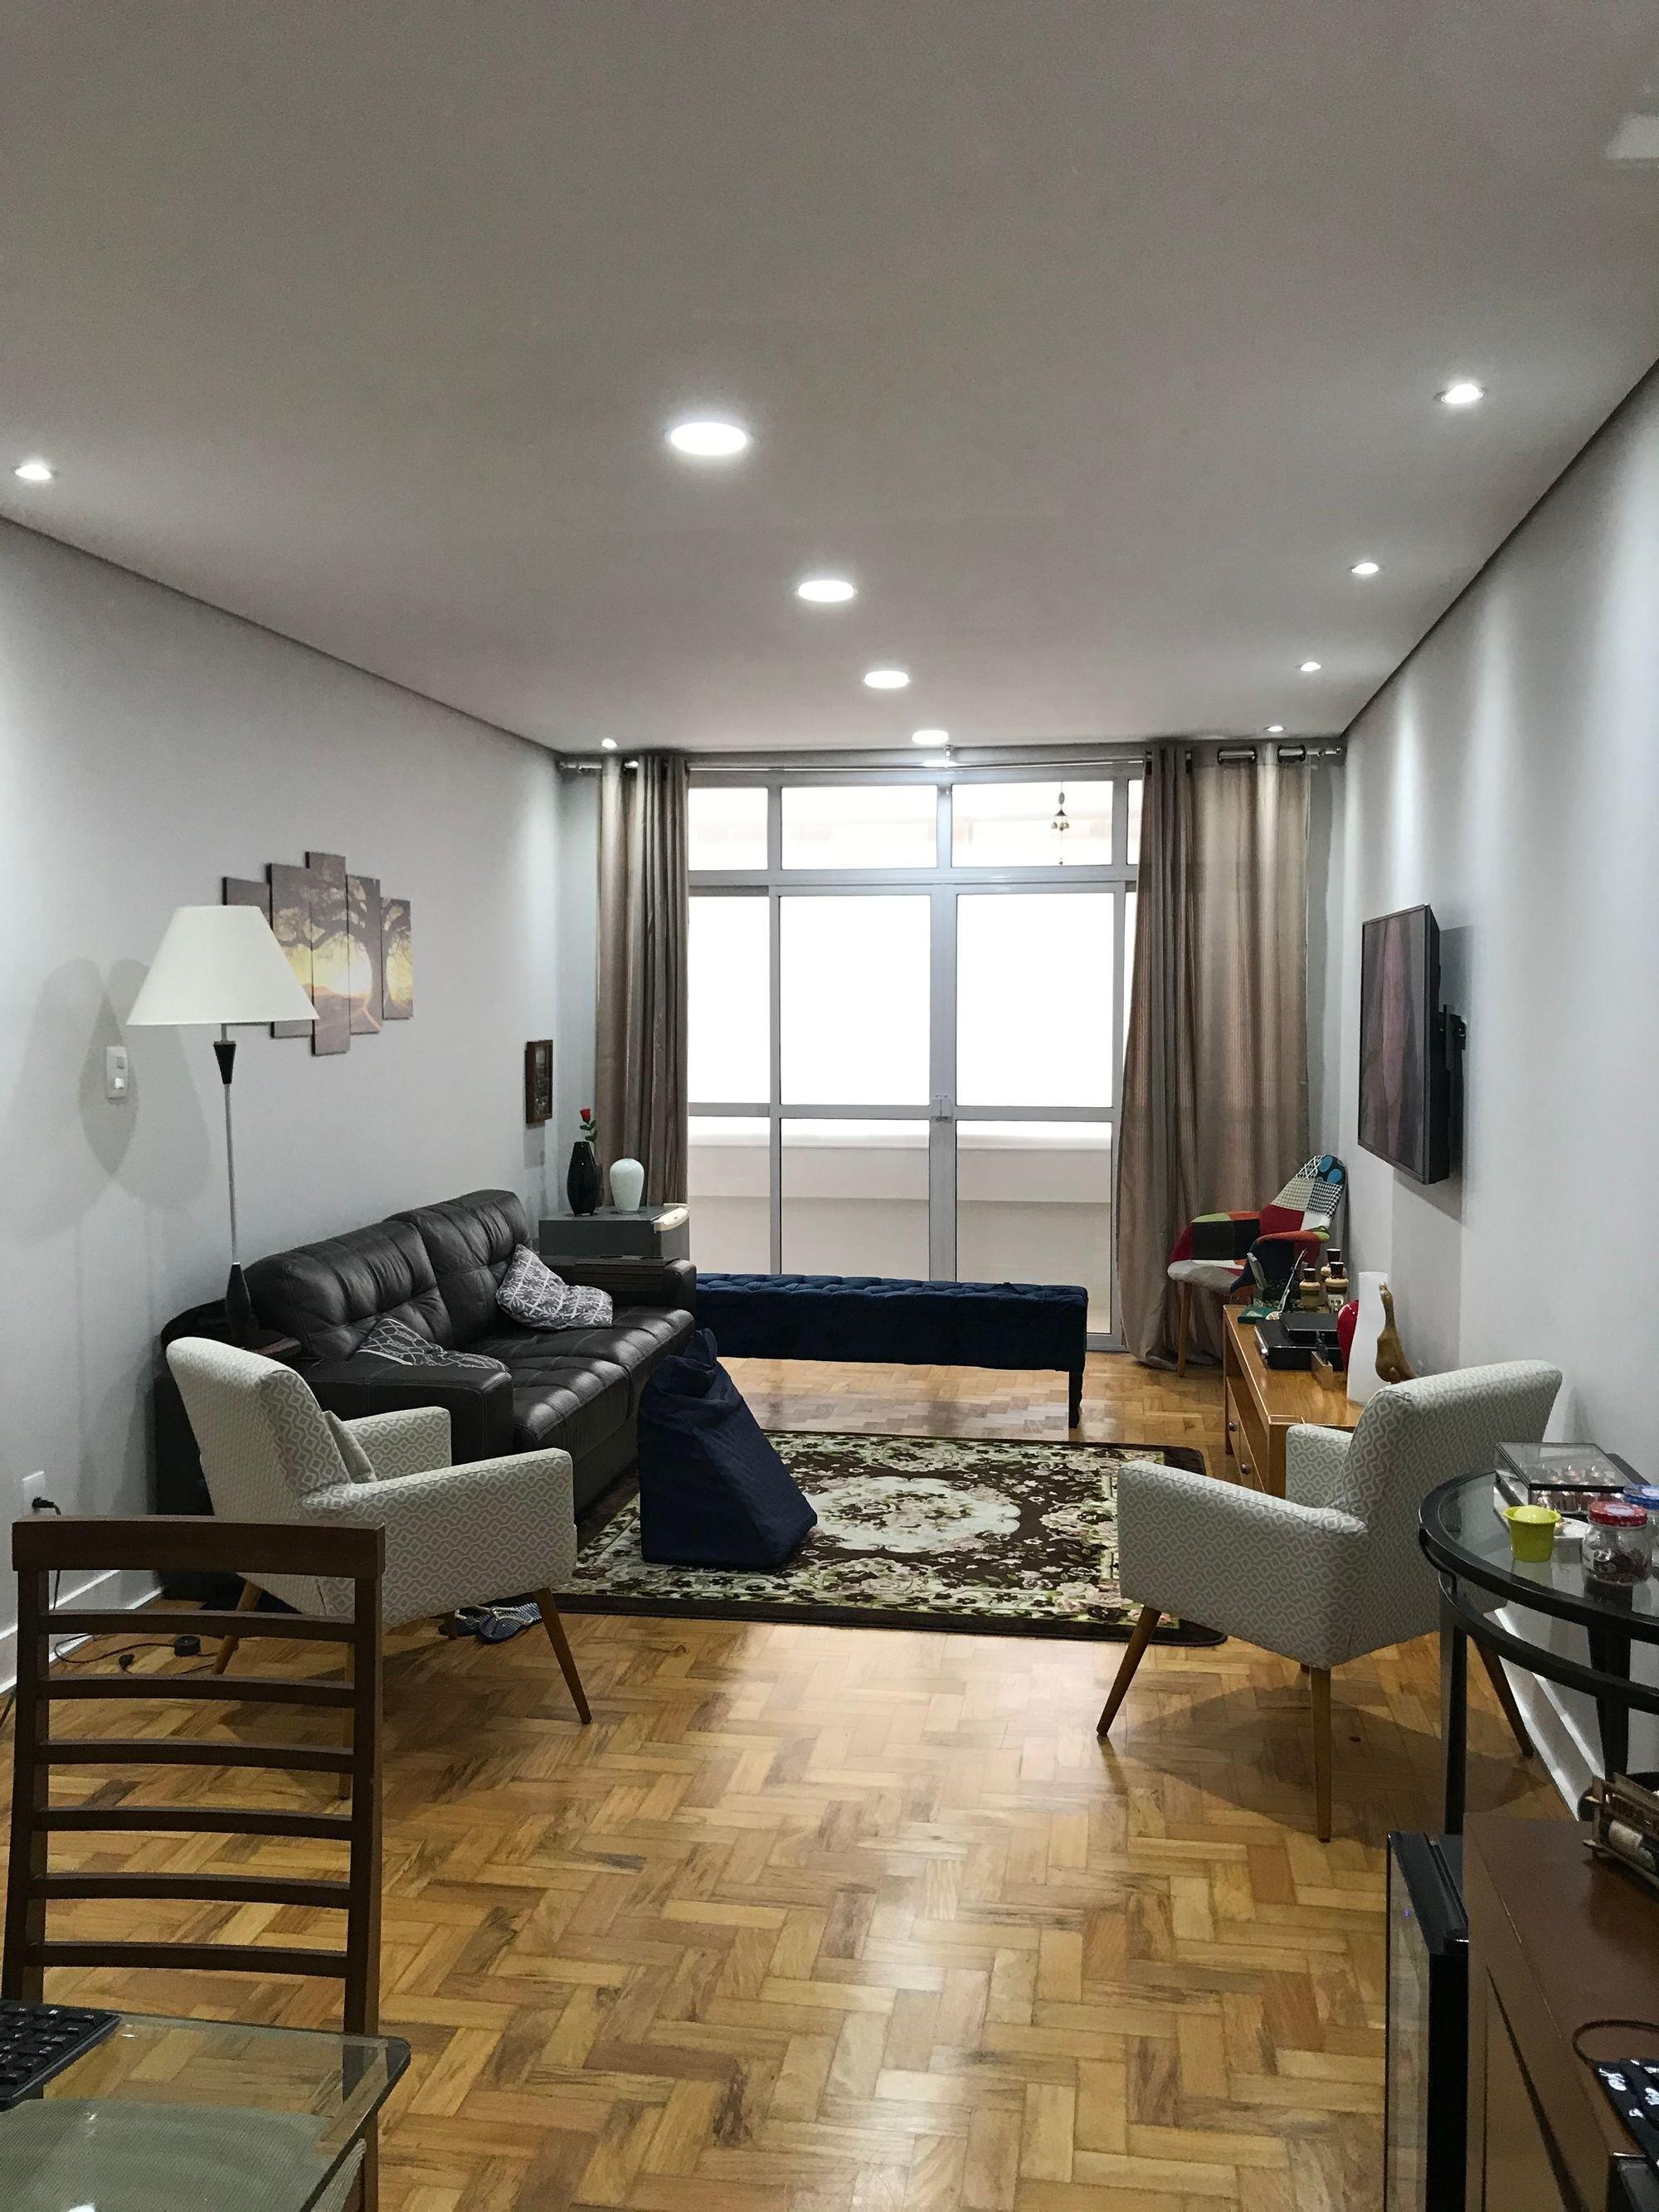 Foto de Sala com sofá, televisão, vaso, cadeira, mesa de jantar